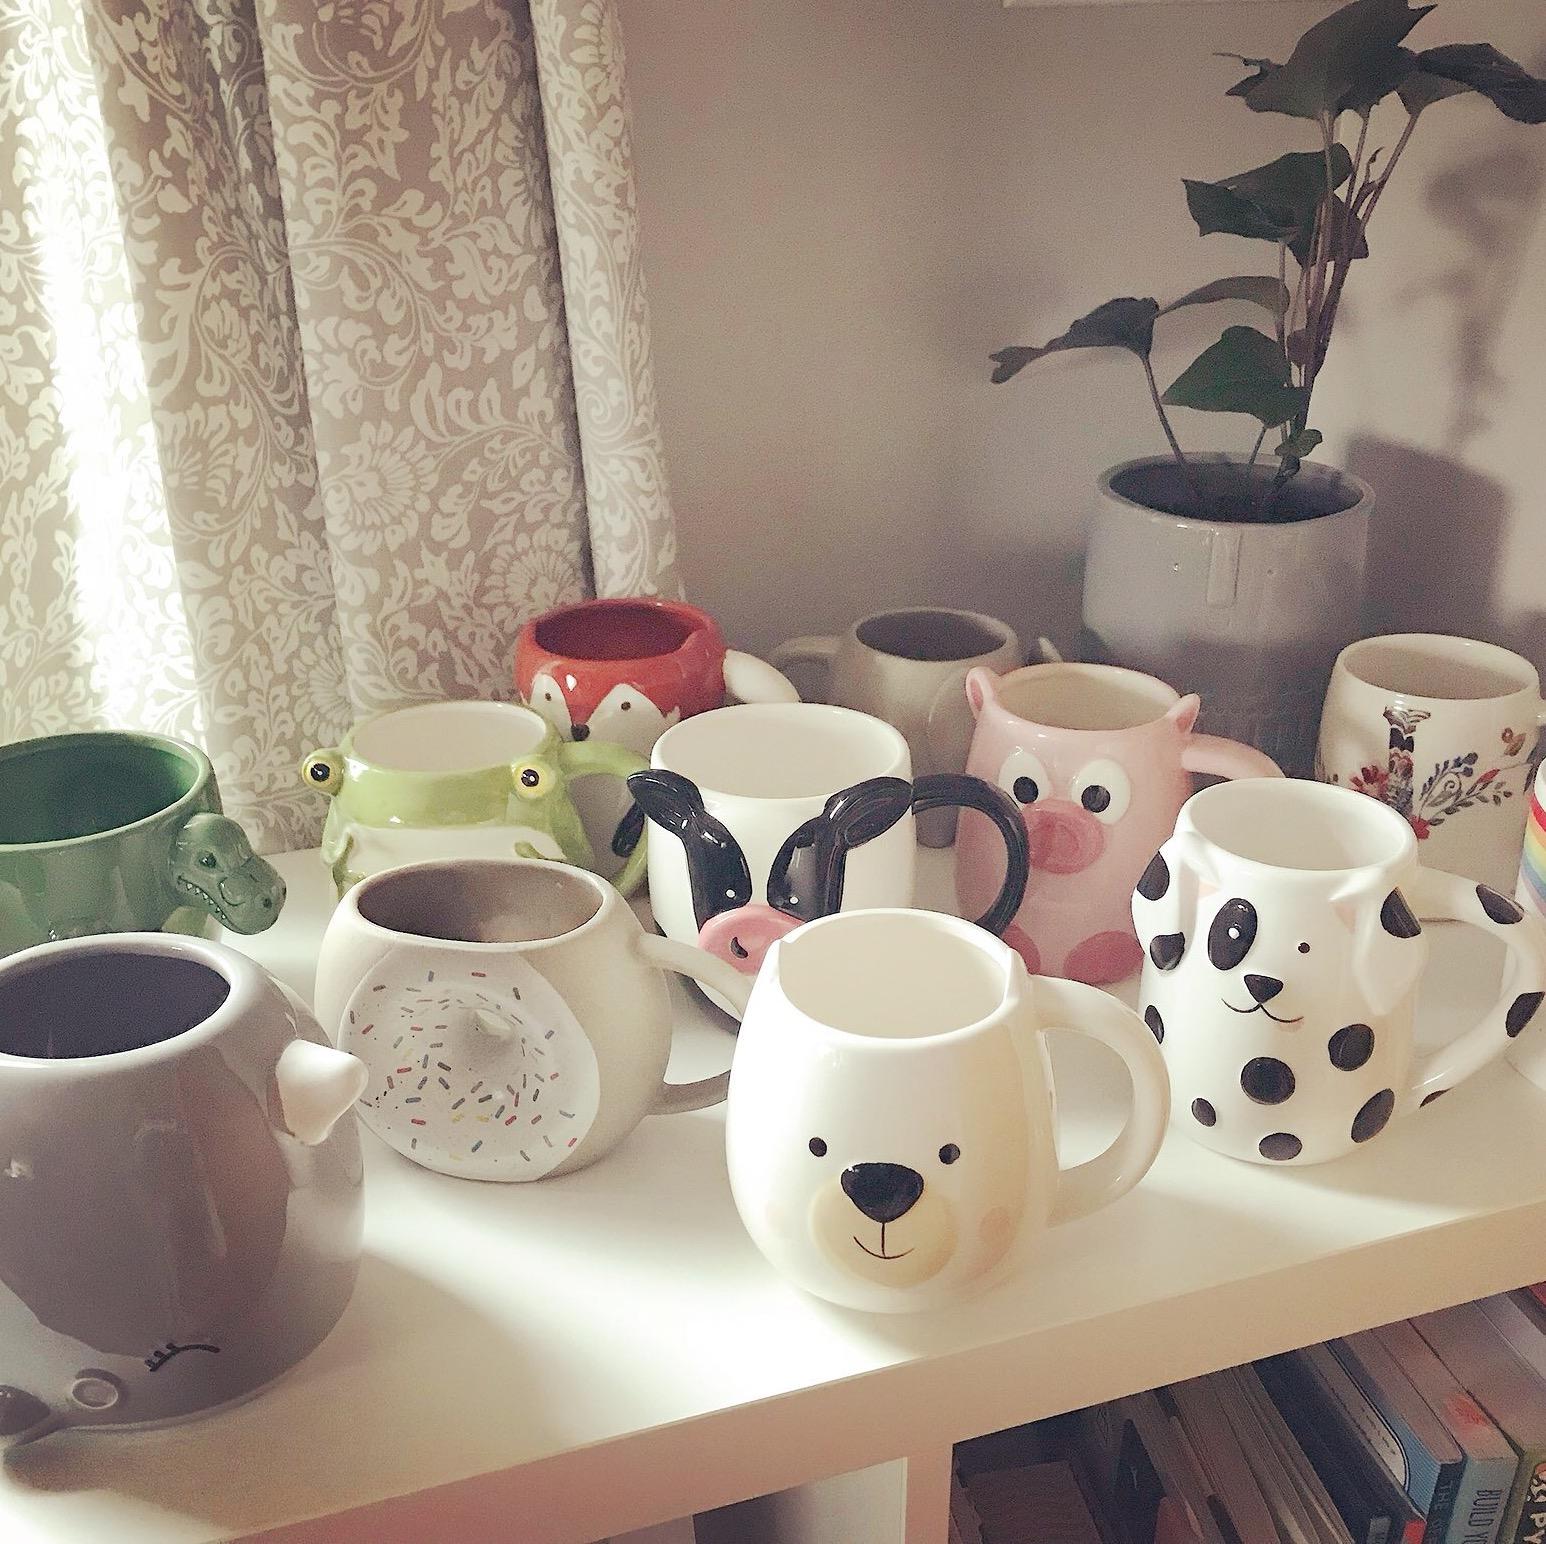 Photo of a large animal mug collection